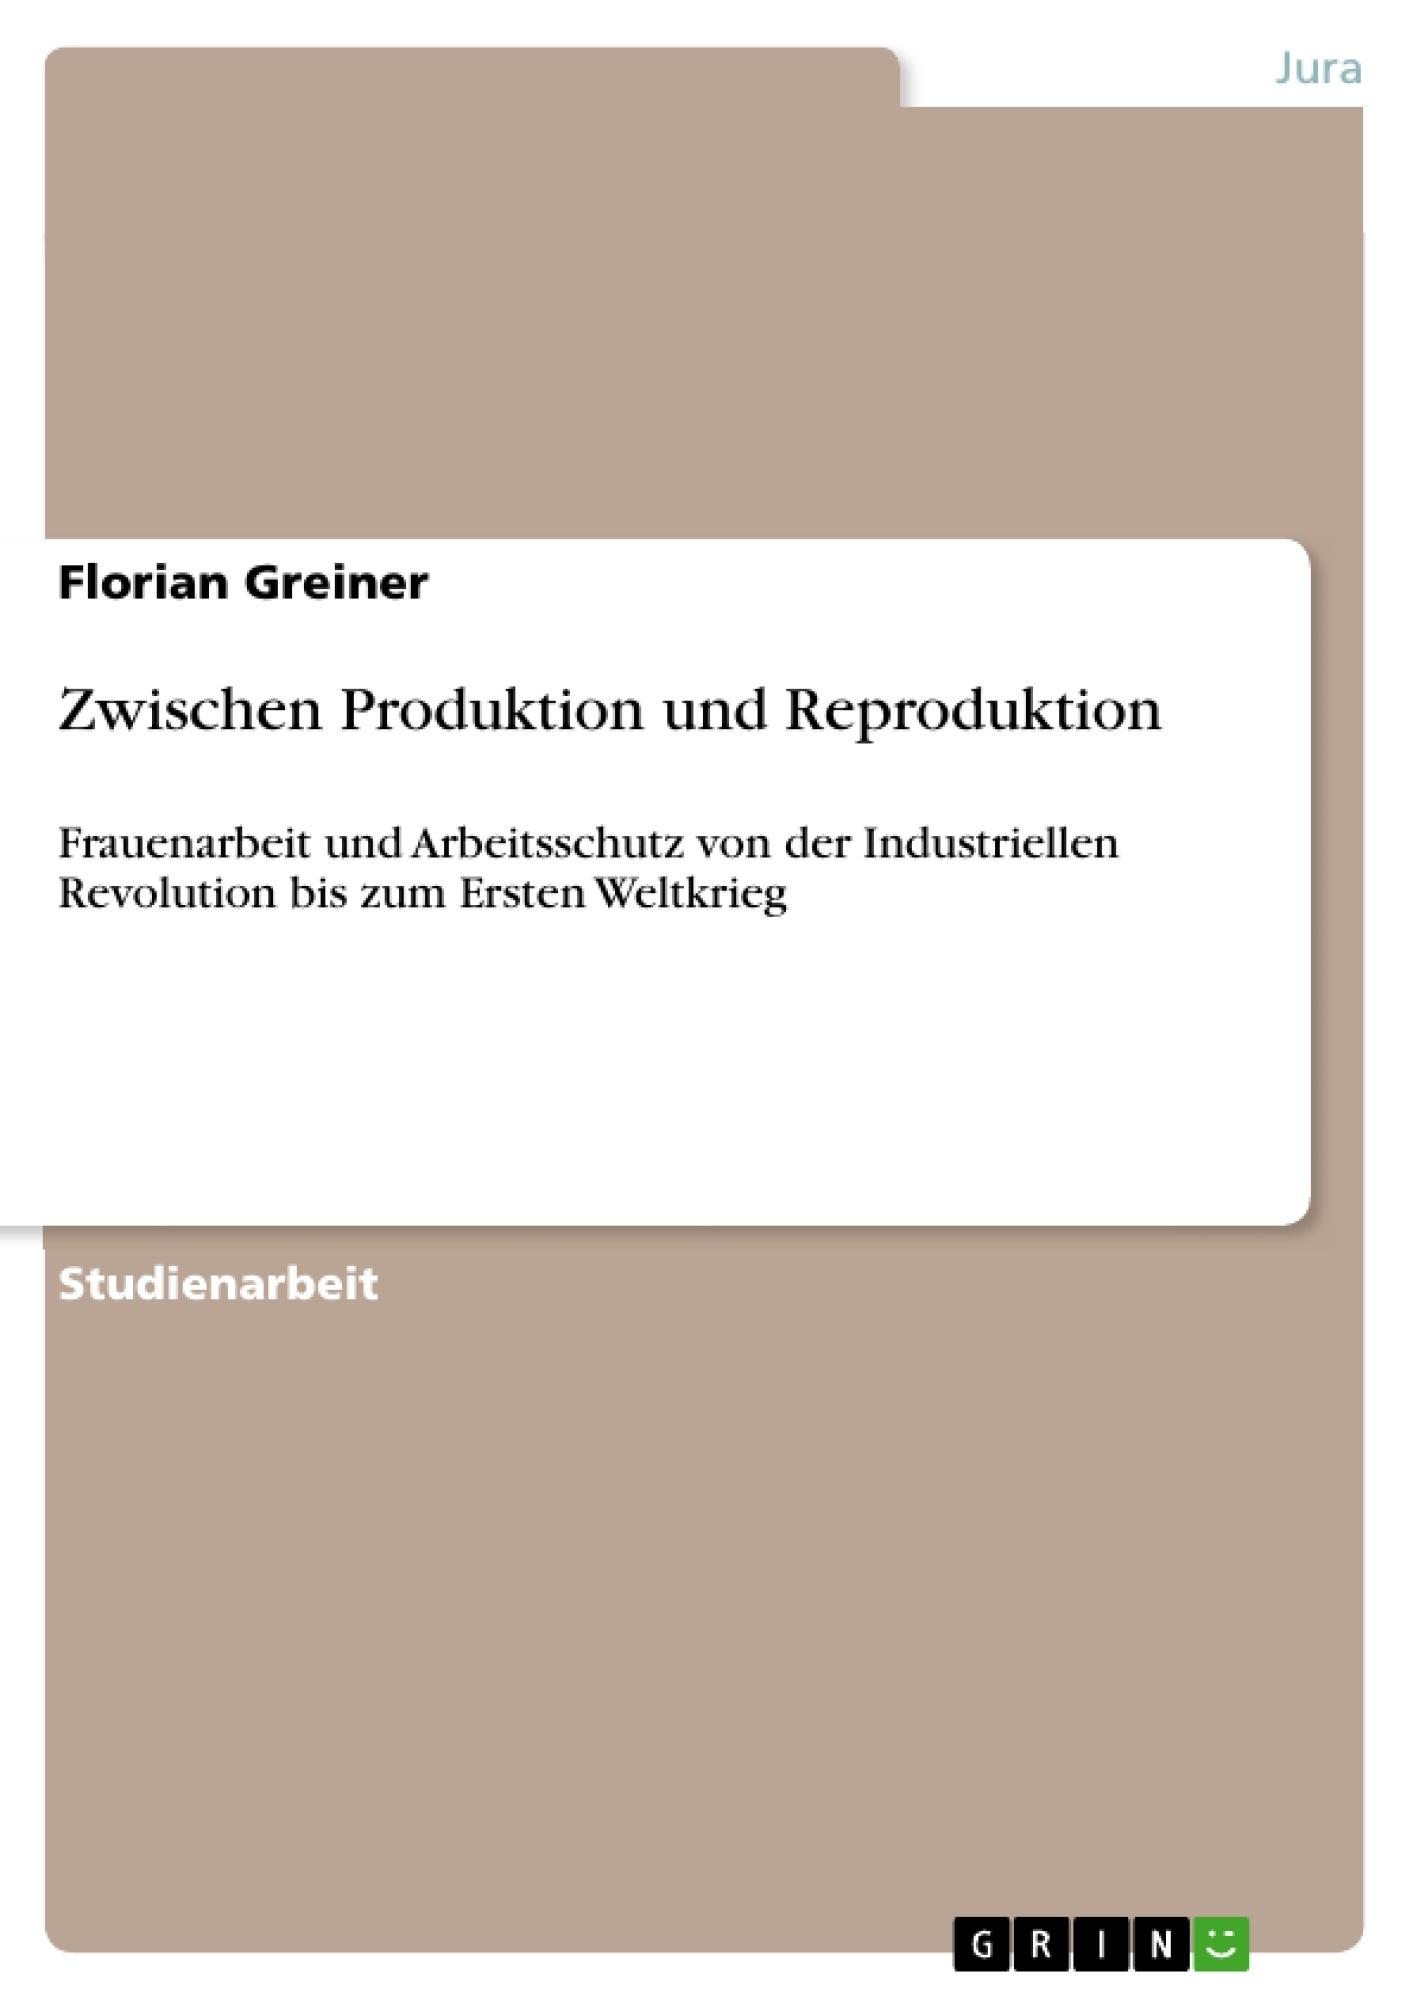 Titel: Zwischen Produktion und Reproduktion